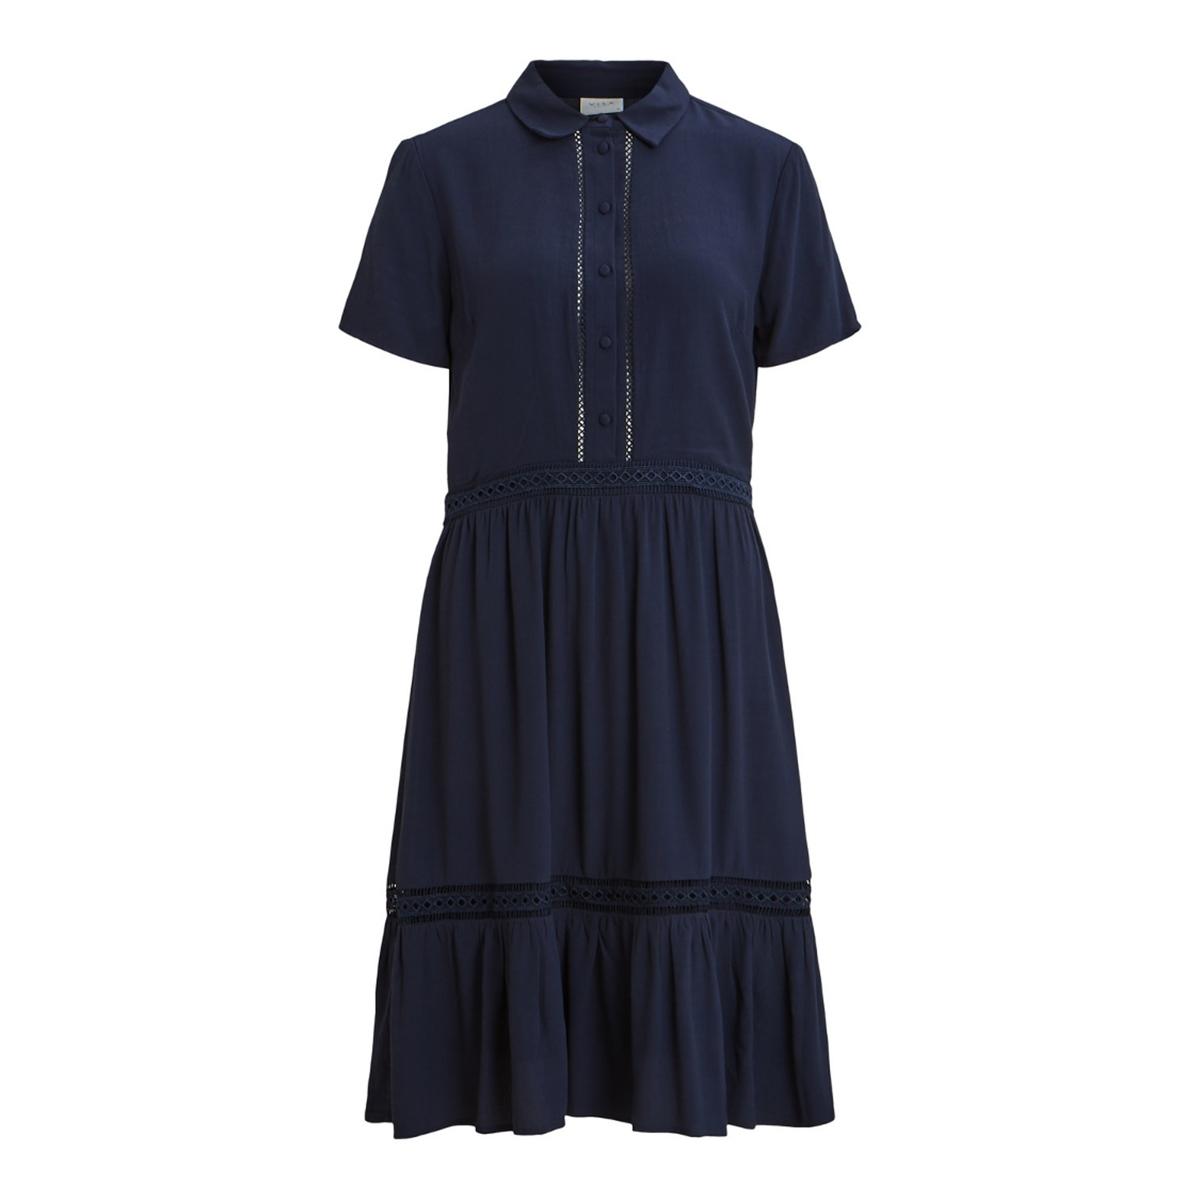 Платье-рубашка La Redoute С вышивкой и короткими рукавами 38 (FR) - 44 (RUS) синий брюки чино la redoute la redoute 38 fr 44 rus синий